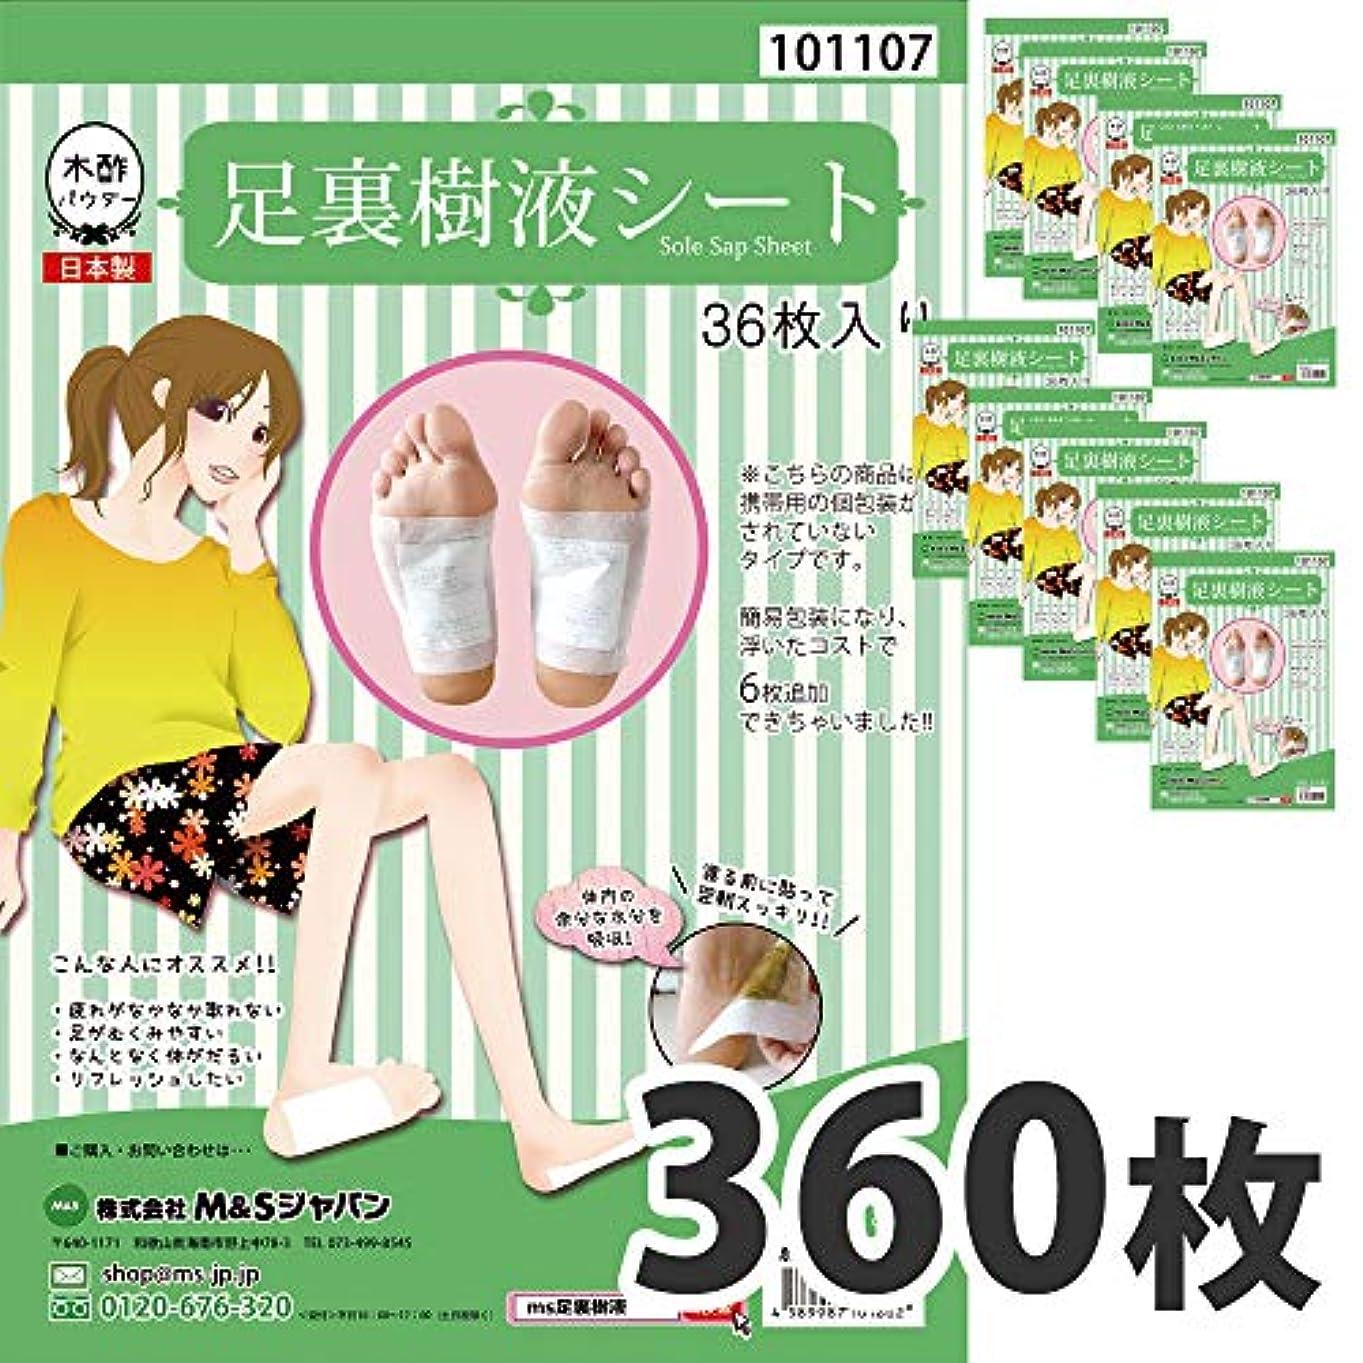 軽減やりすぎハング日本製 足裏樹液シート 足裏シート お得 人気 樹液シート 足裏 (360枚入り)